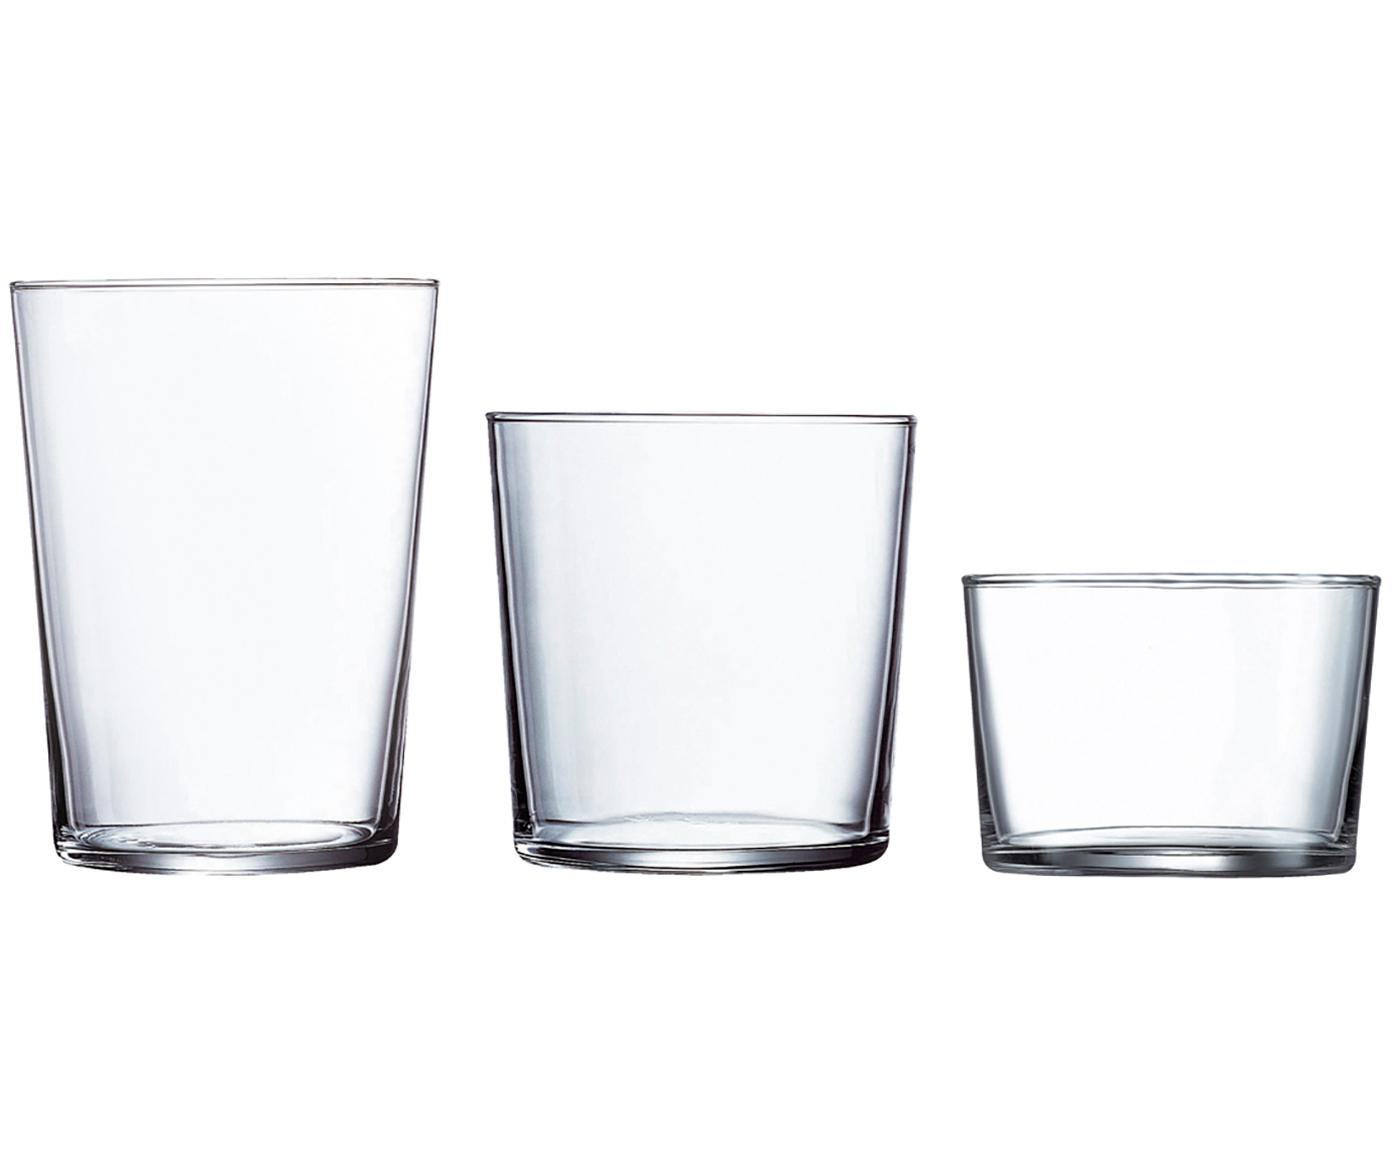 Set de vasos Juego, 18 pzas., vidrio de sílice, Transparente, Tamaños diferentes